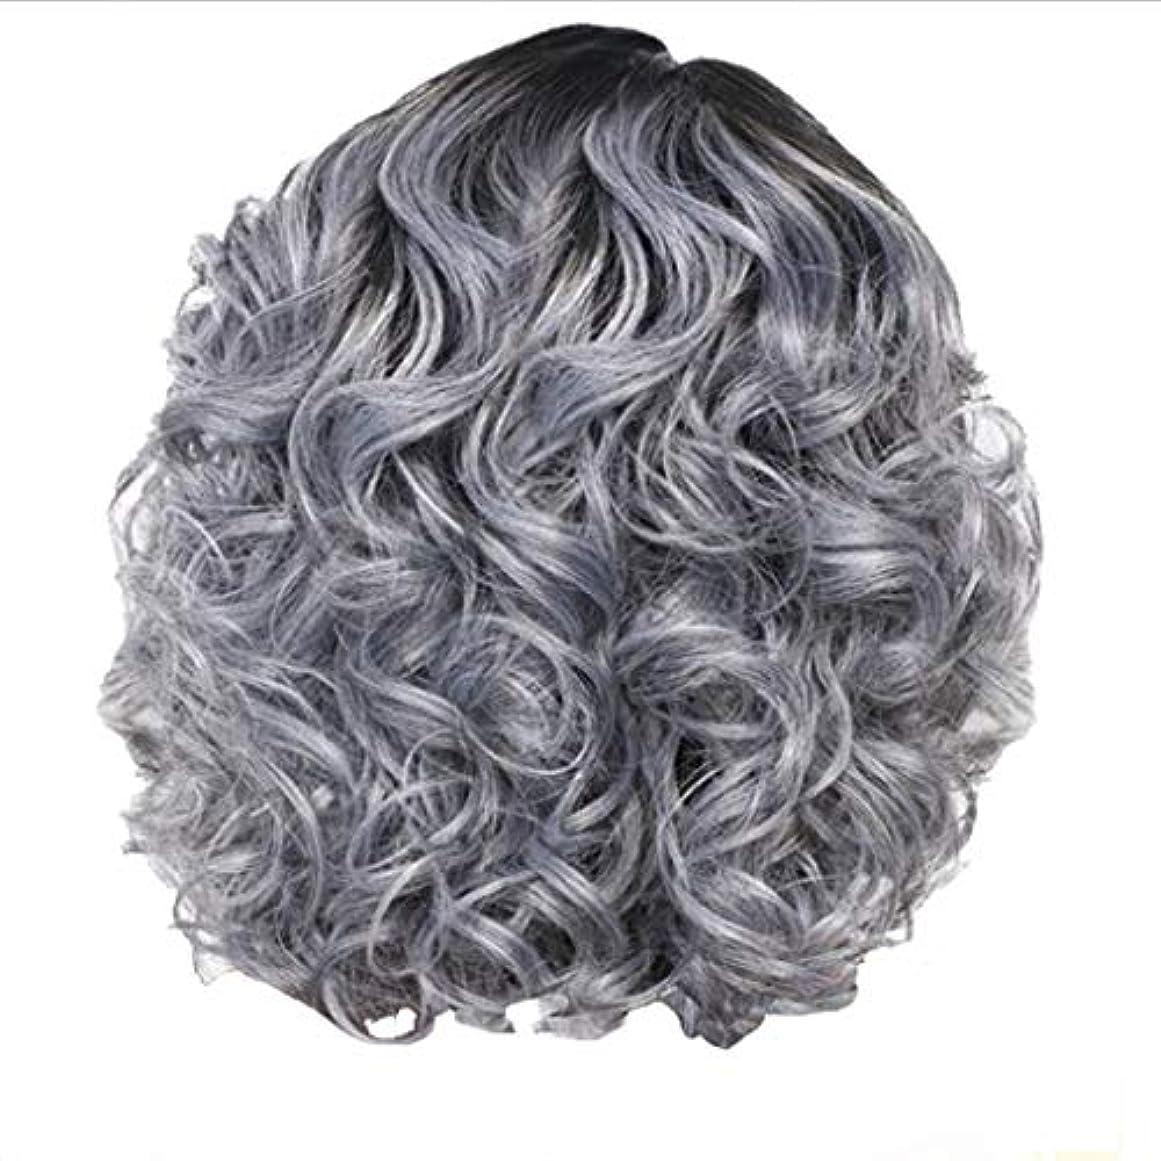 抜本的な原点あなたはかつら女性の短い巻き毛シルバーグレーレトロ巻き毛ネット30 cm